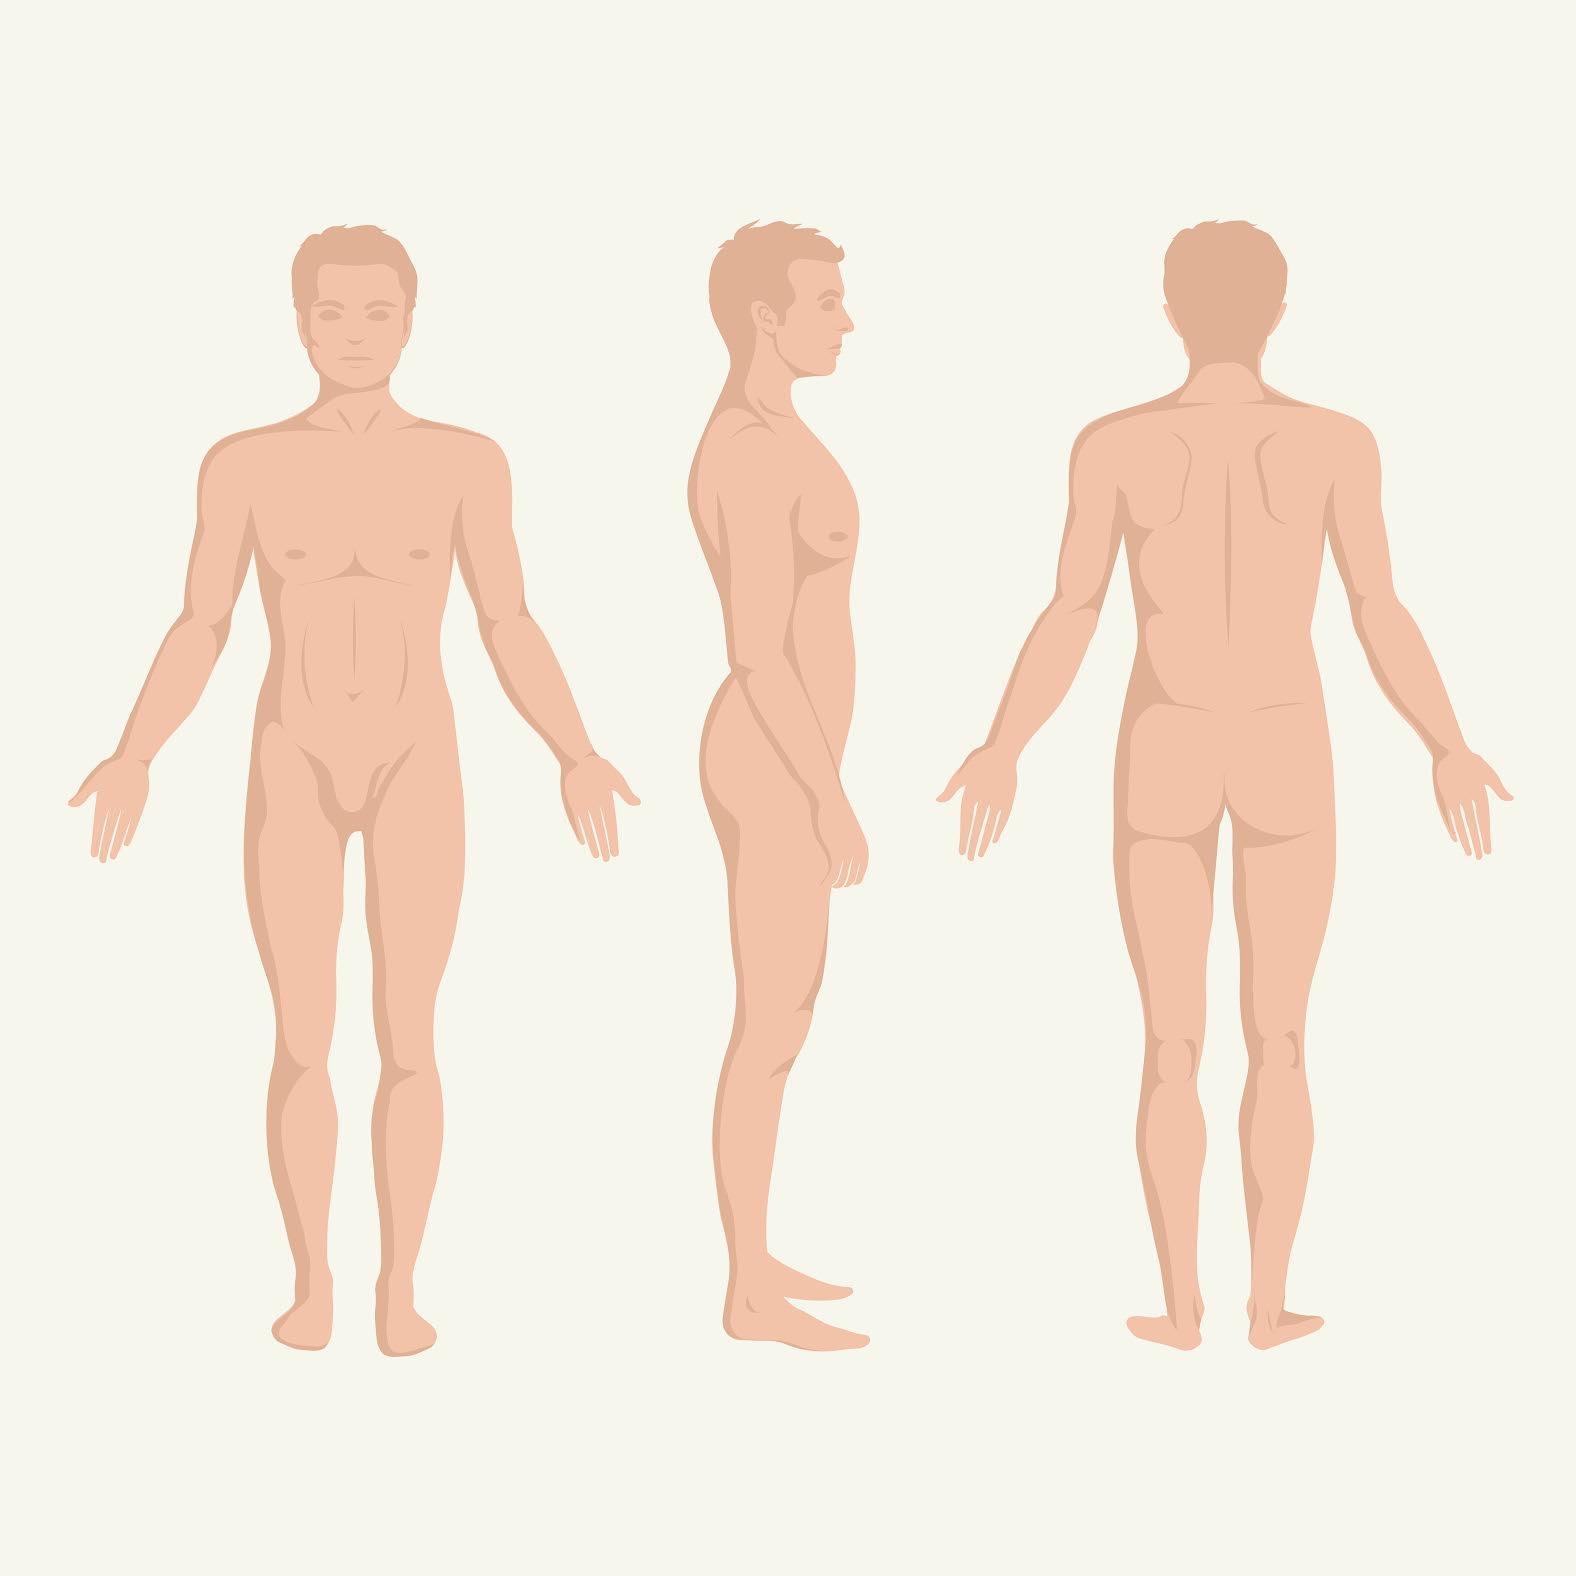 cum să folosiți penisul acasă decât îmbunătățirea erecției